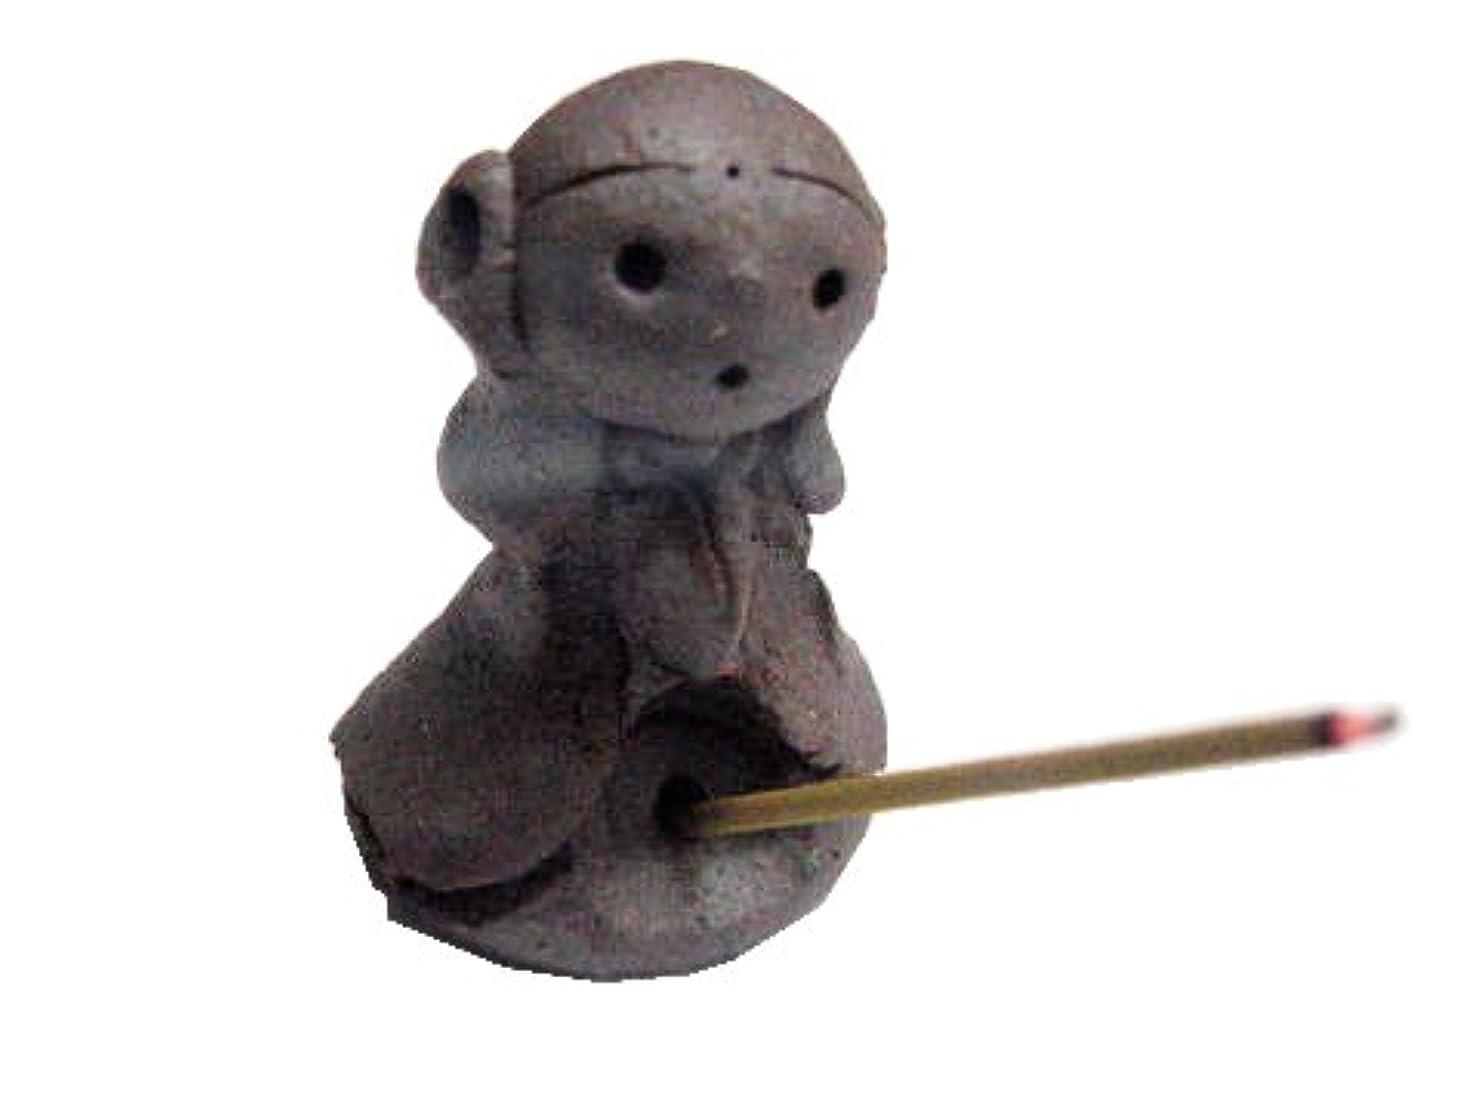 スプーンアドバイス評価する淡路梅薫堂の可愛い幸せを呼ぶお地蔵様のお香立て スティック コーン かわいい incense stick cones holder #433